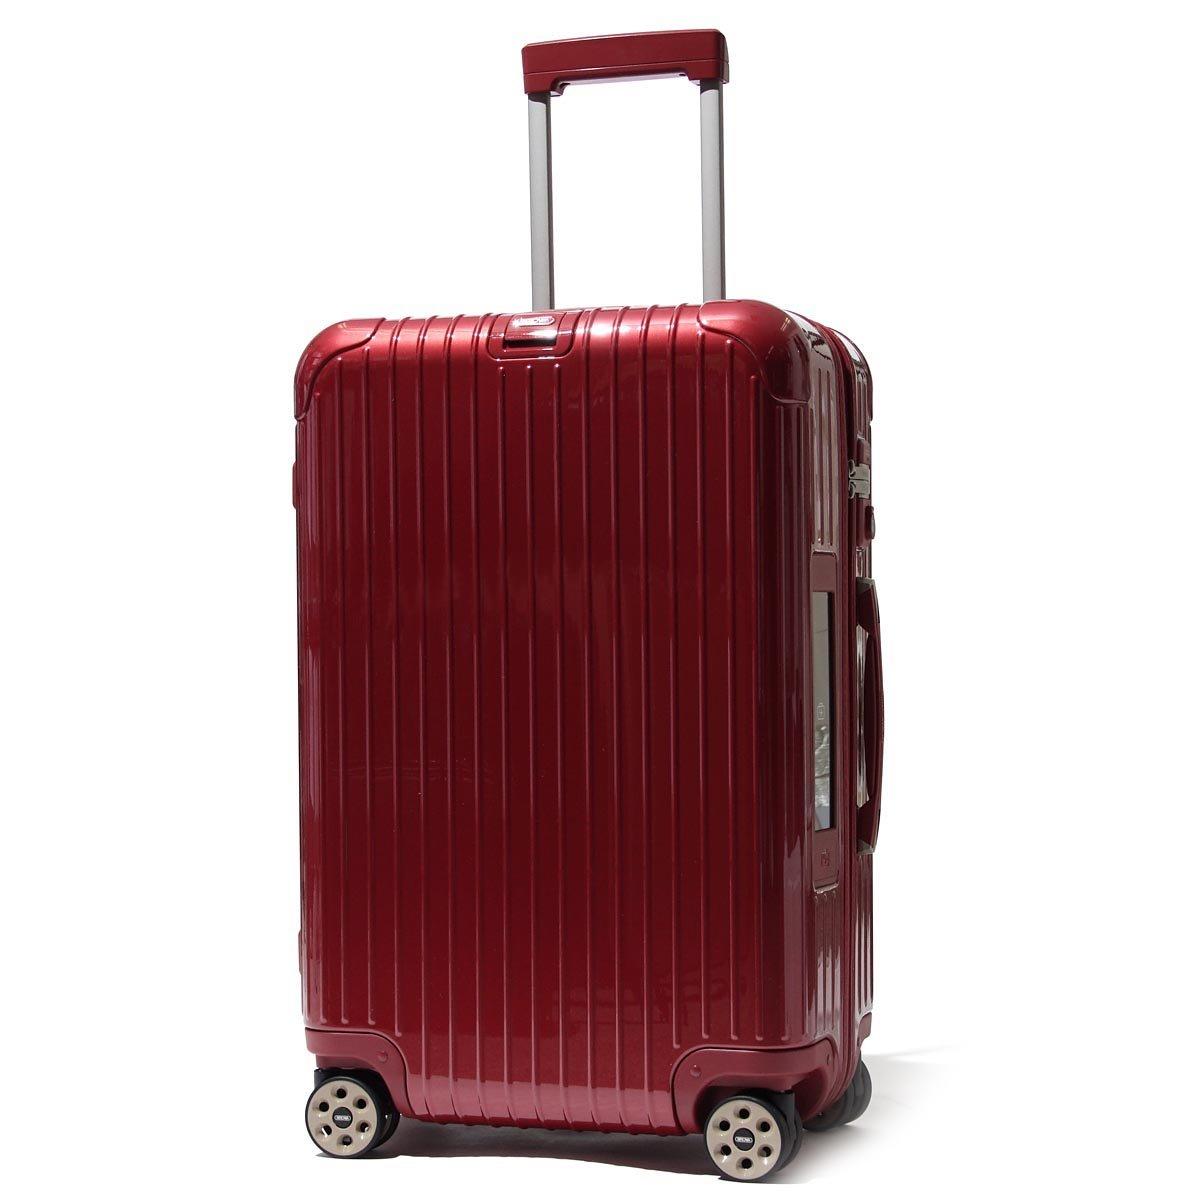 (リモワ) RIMOWA スーツケース 電子タグ仕様 SALSA DELUXE 63 E-TAG MULTIWHEEL サルサデラックス 63L [並行輸入品] B0748D4M78